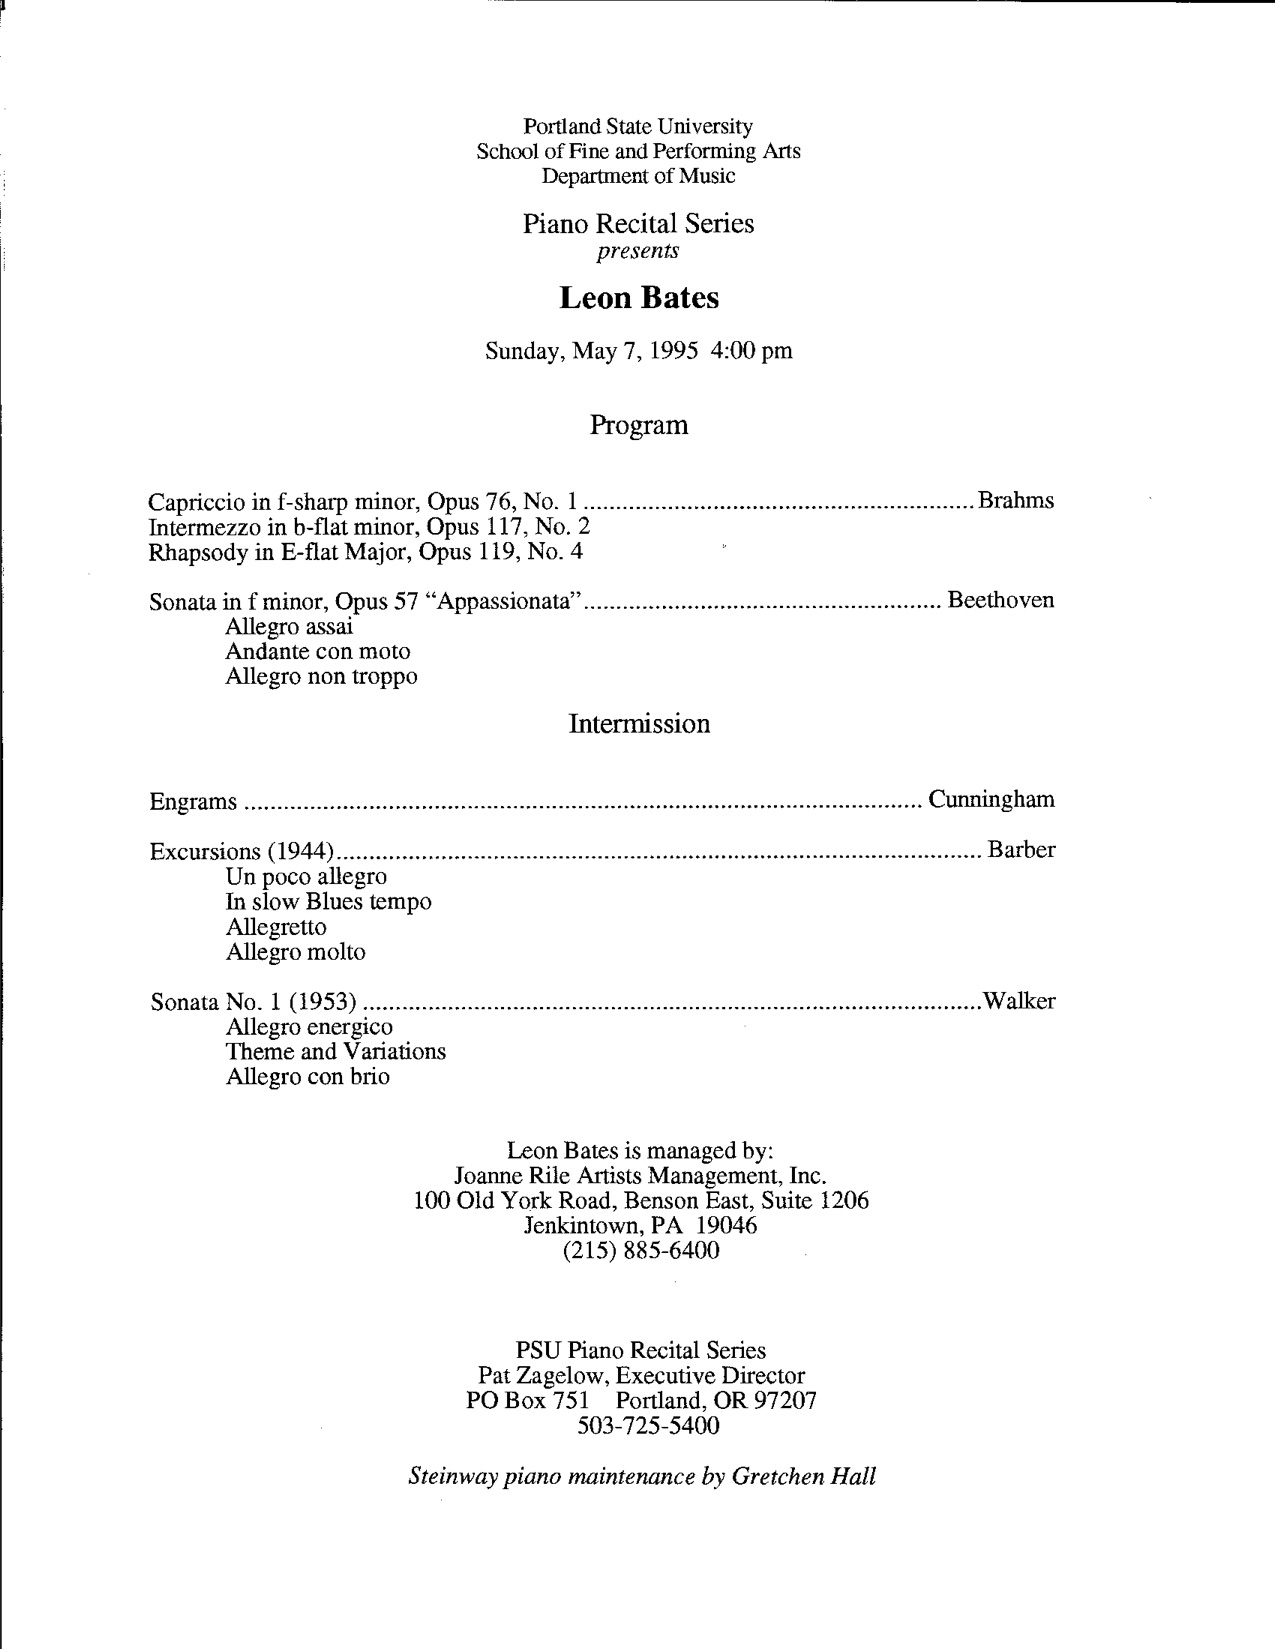 Bates94-95_Program2.jpg